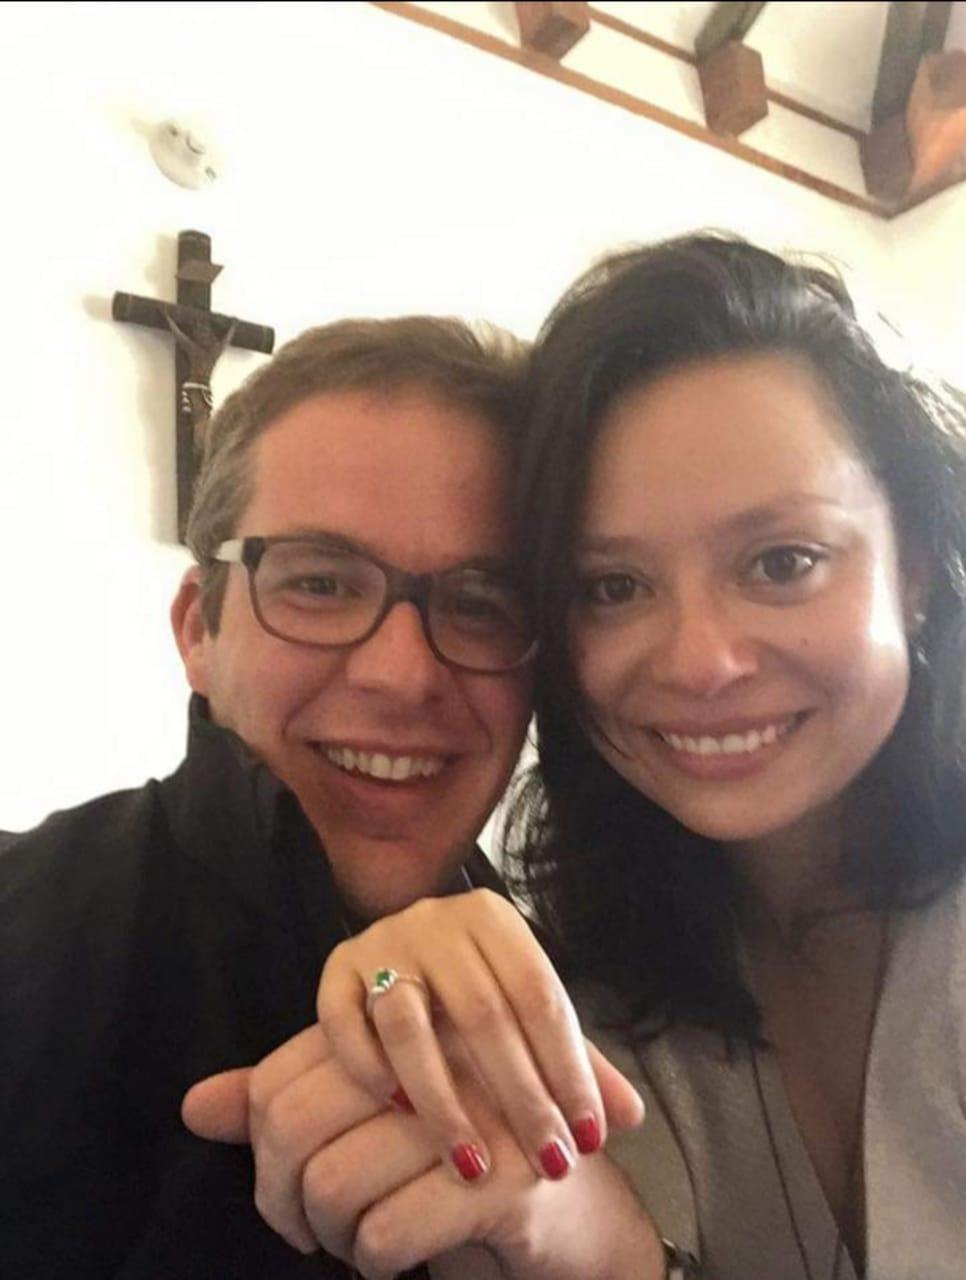 STORIE DAL MONDO – Tommaso, in Colombia nel segno dell'amore